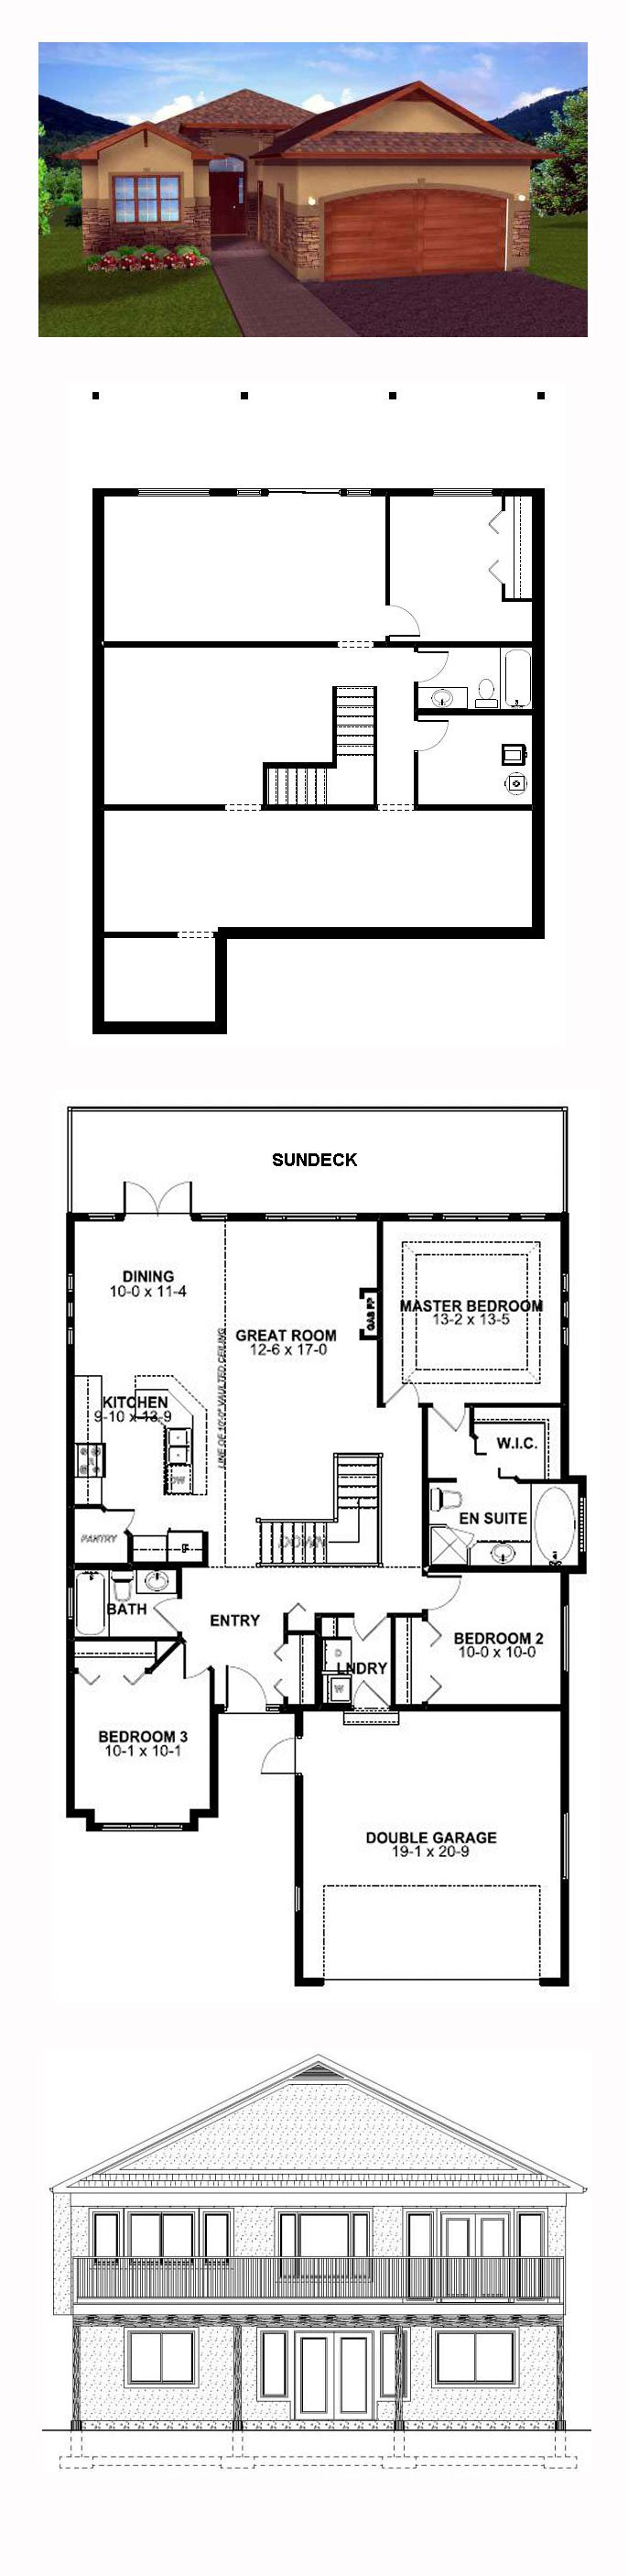 50 best Hillside Home Plans images on Pinterest | House floor plans ...